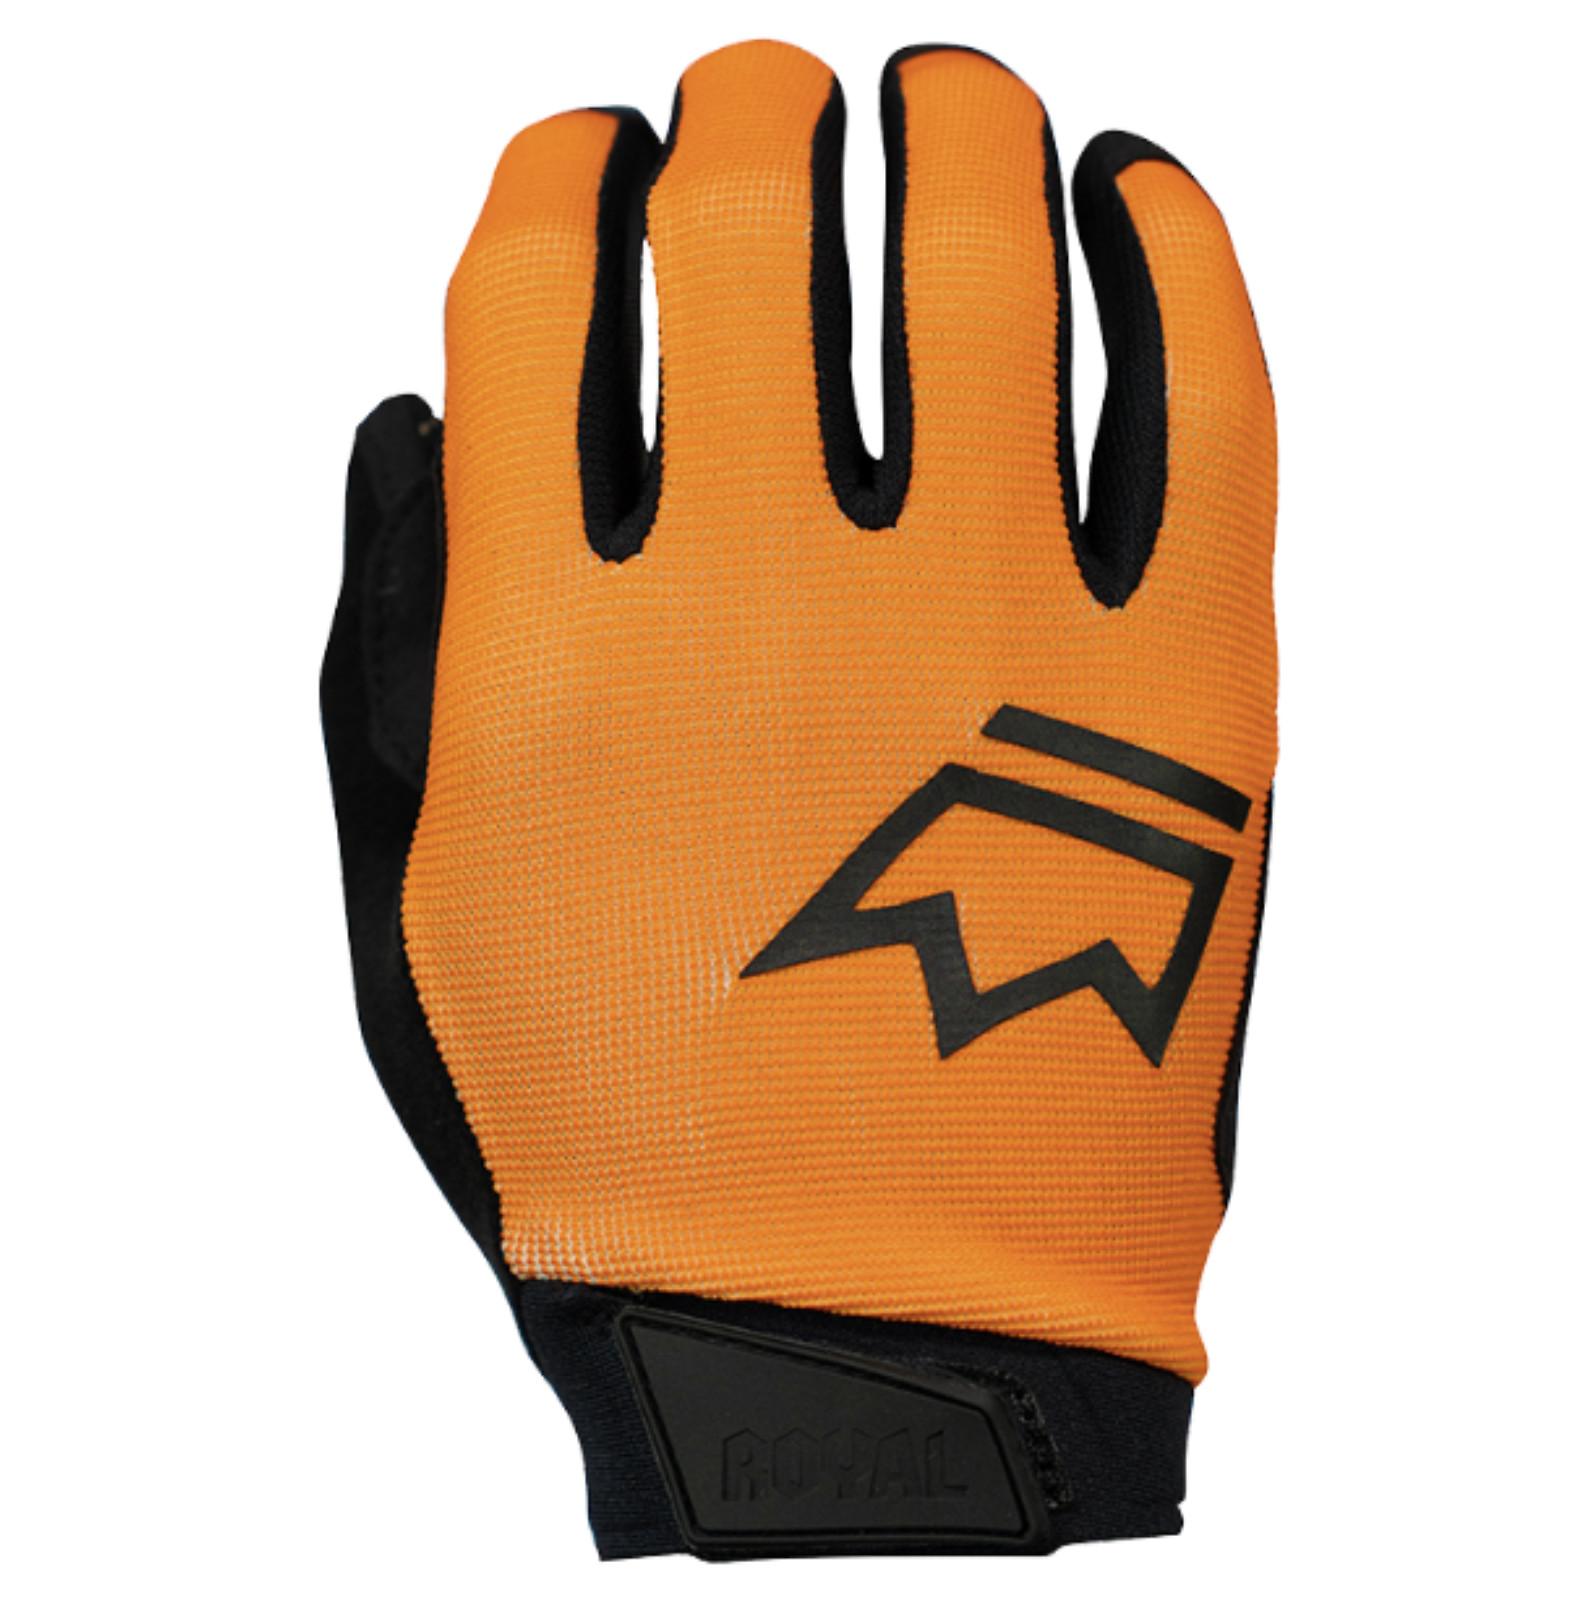 Royal 2020 Quantum Gloves - Orange